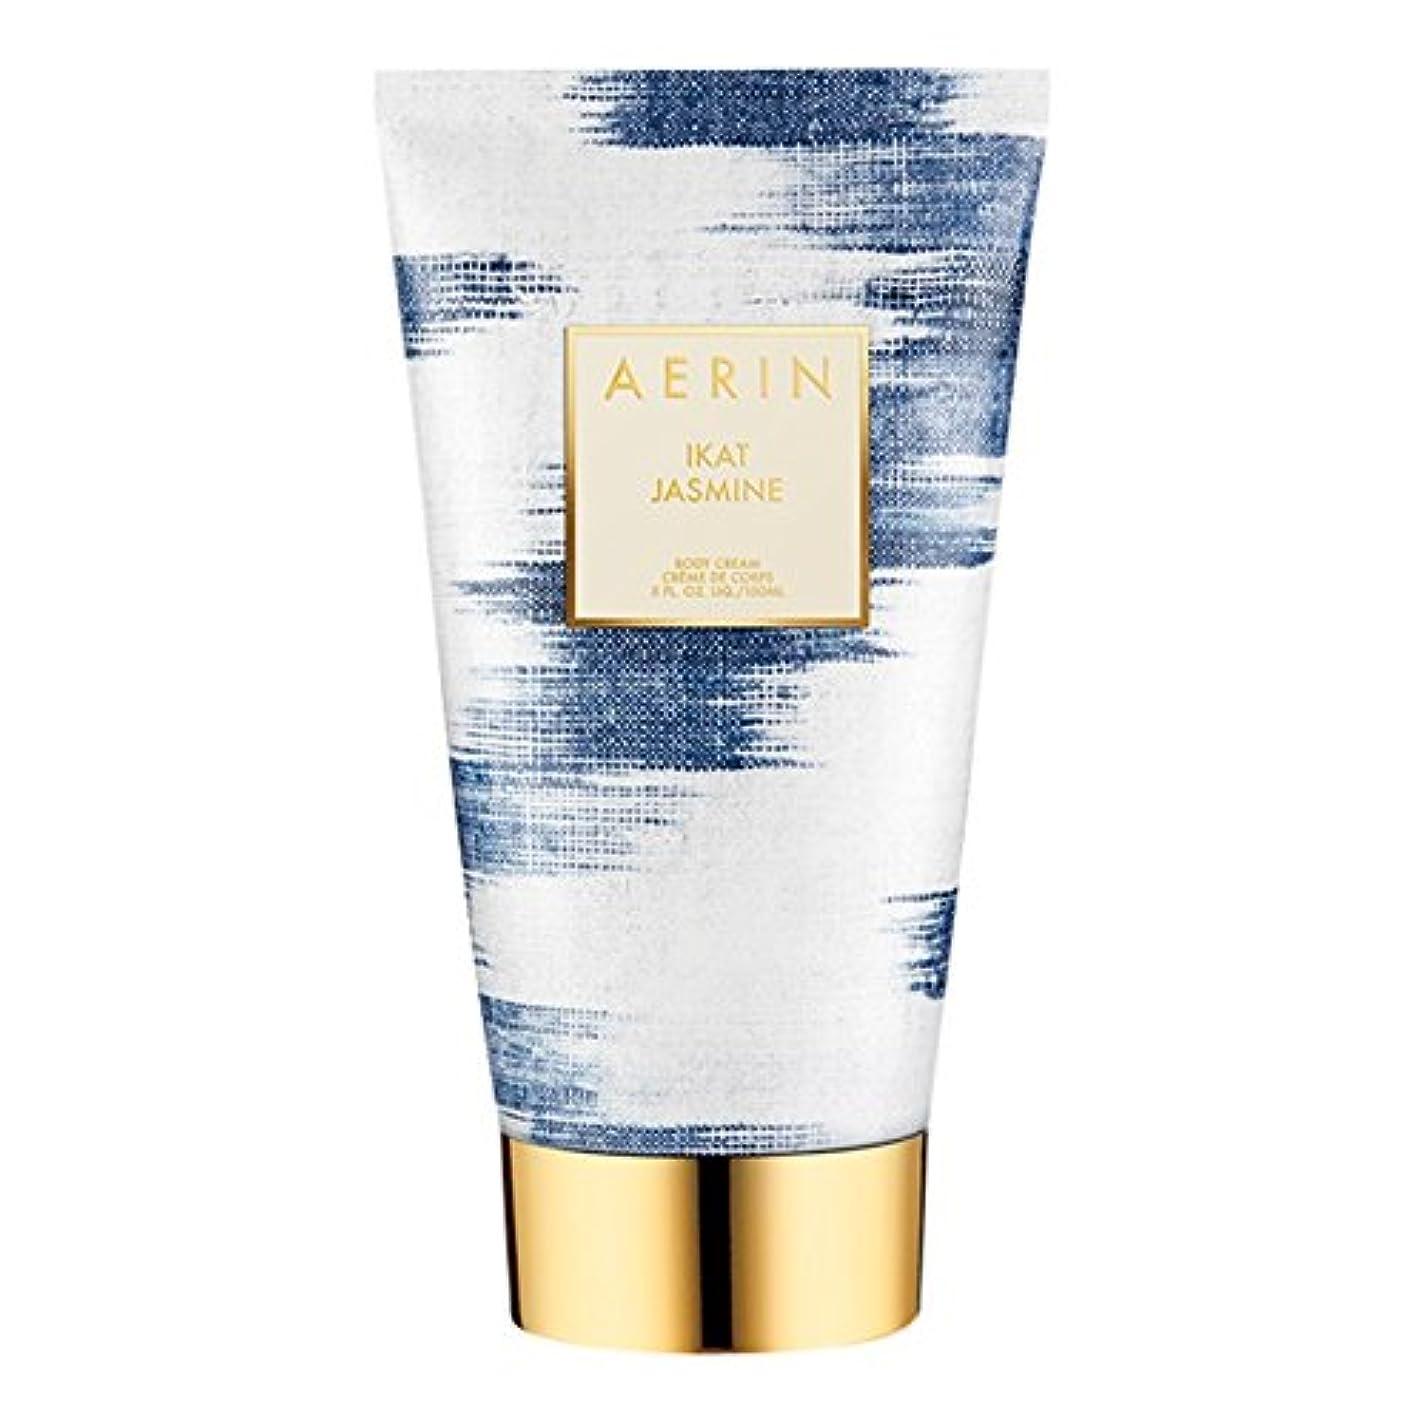 個人的な非難ポールAerinイカットジャスミンボディクリーム150ミリリットル (AERIN) (x6) - AERIN Ikat Jasmine Body Cream 150ml (Pack of 6) [並行輸入品]